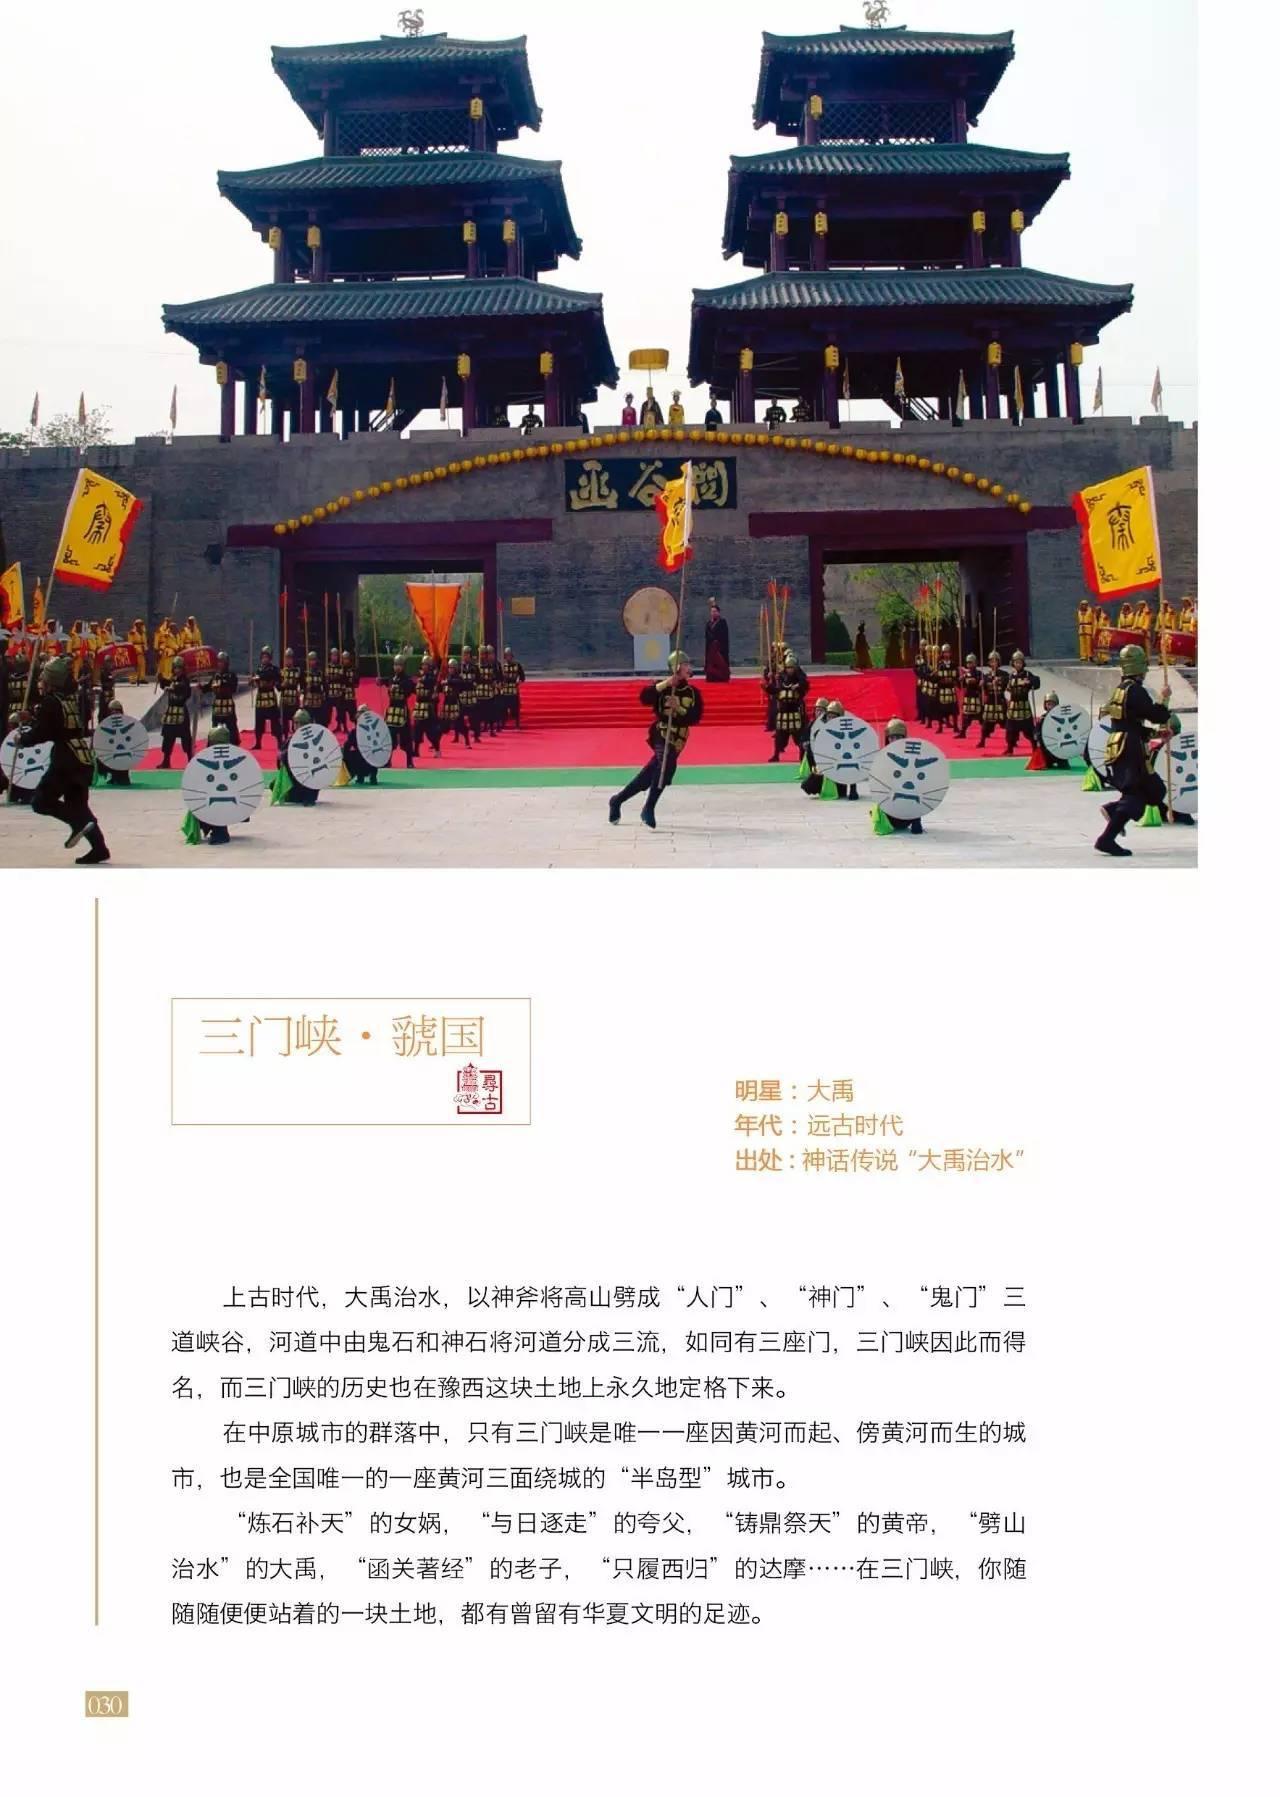 中国历朝一览表